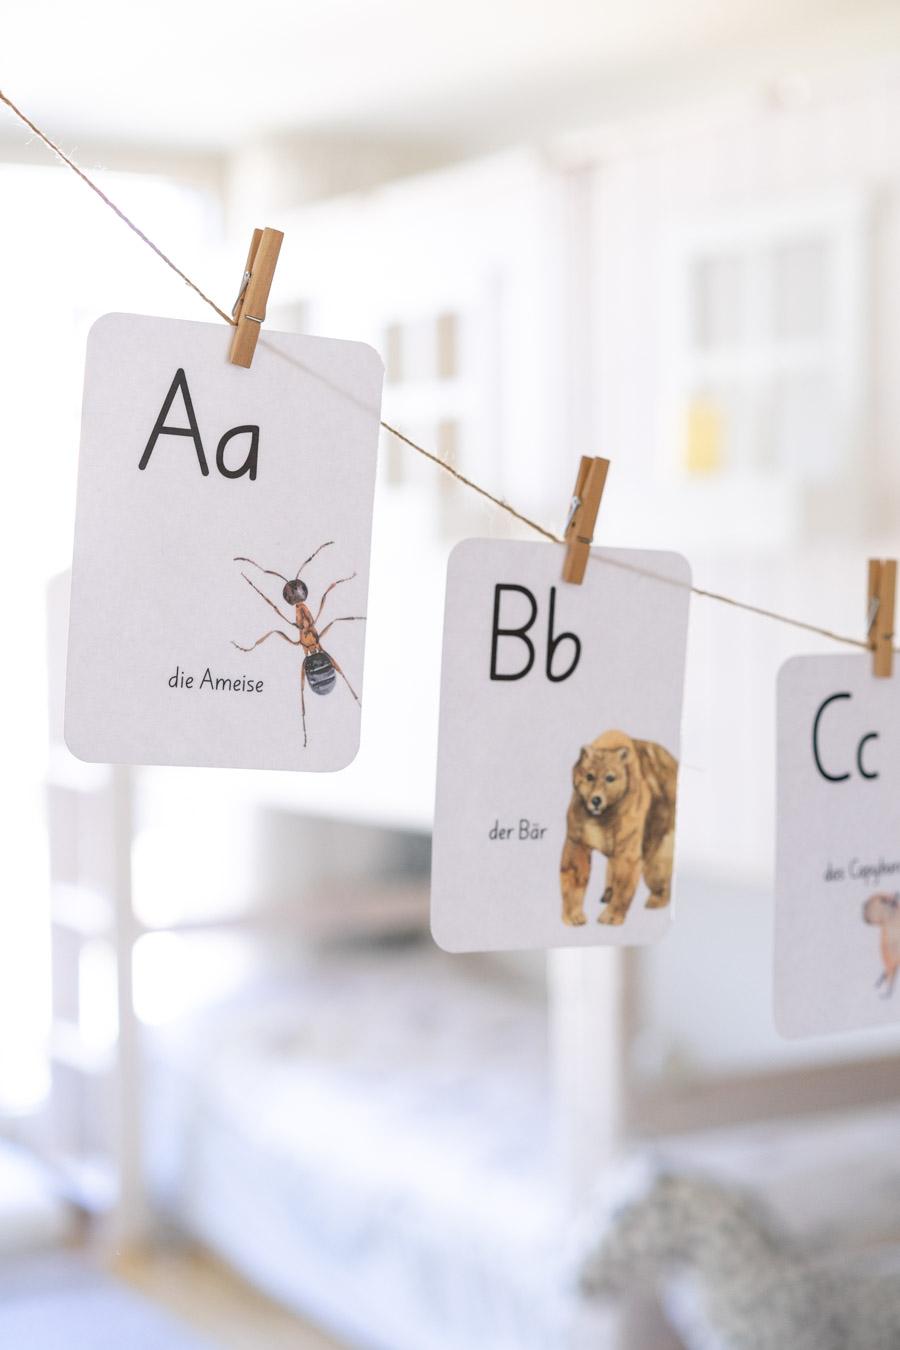 Eine Idee für die Sprachentwicklung: Buchstaben als ansprechende Girlande aufhängen